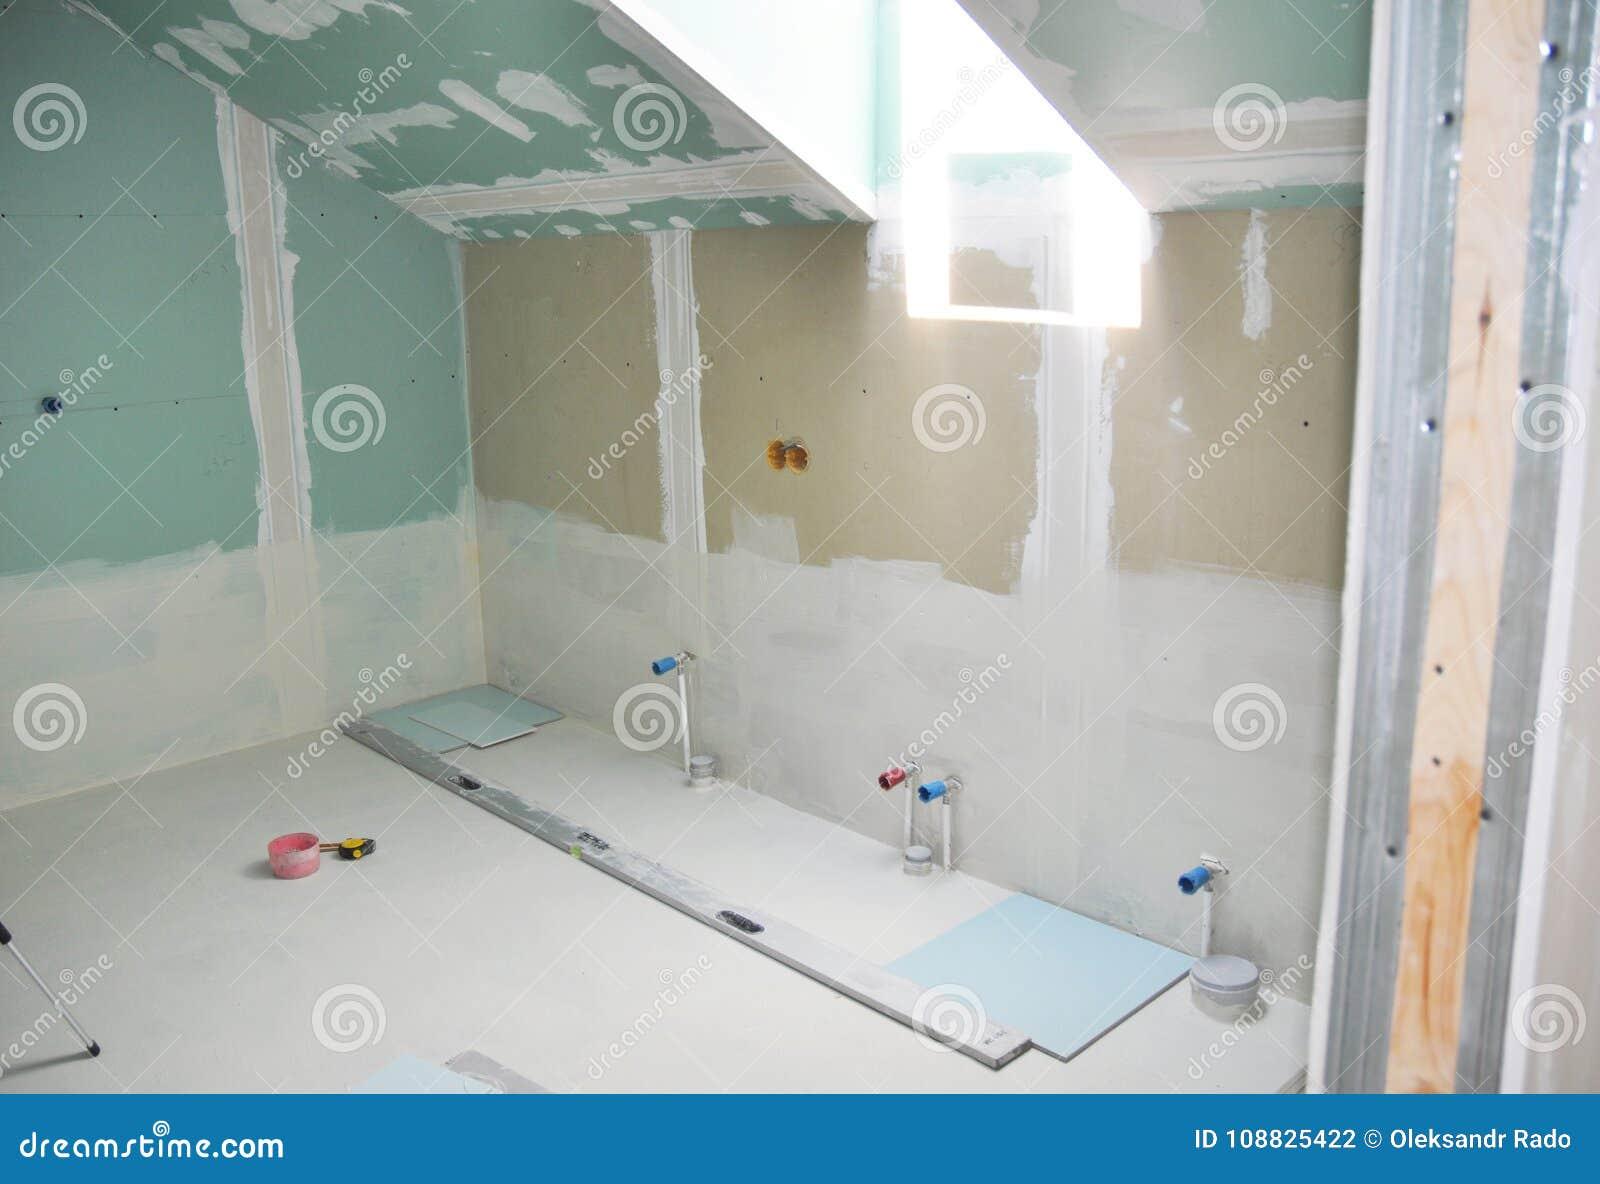 Drywall Repair Stock Images Download 3 174 Royalty Free